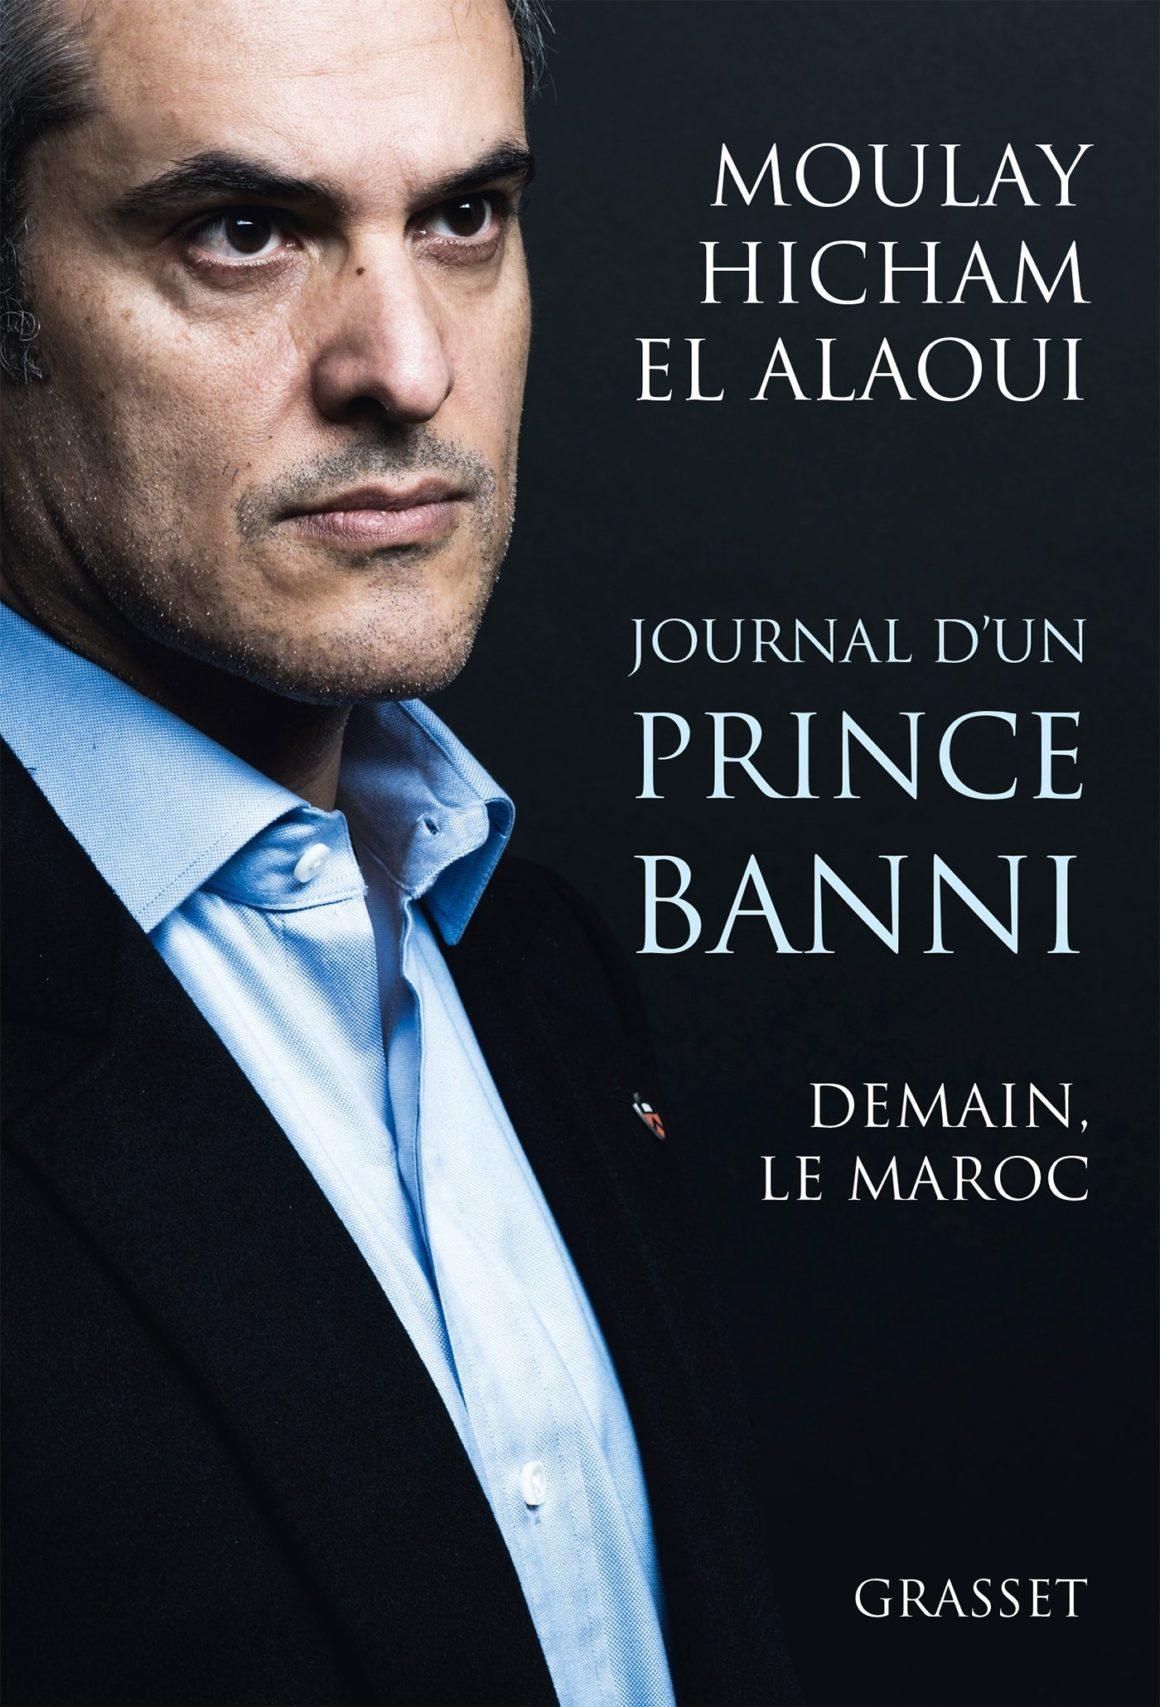 Journal d'un prince banni: Demain, le Maroc by Moulay Hicham Ben Abdellah El Alaoui